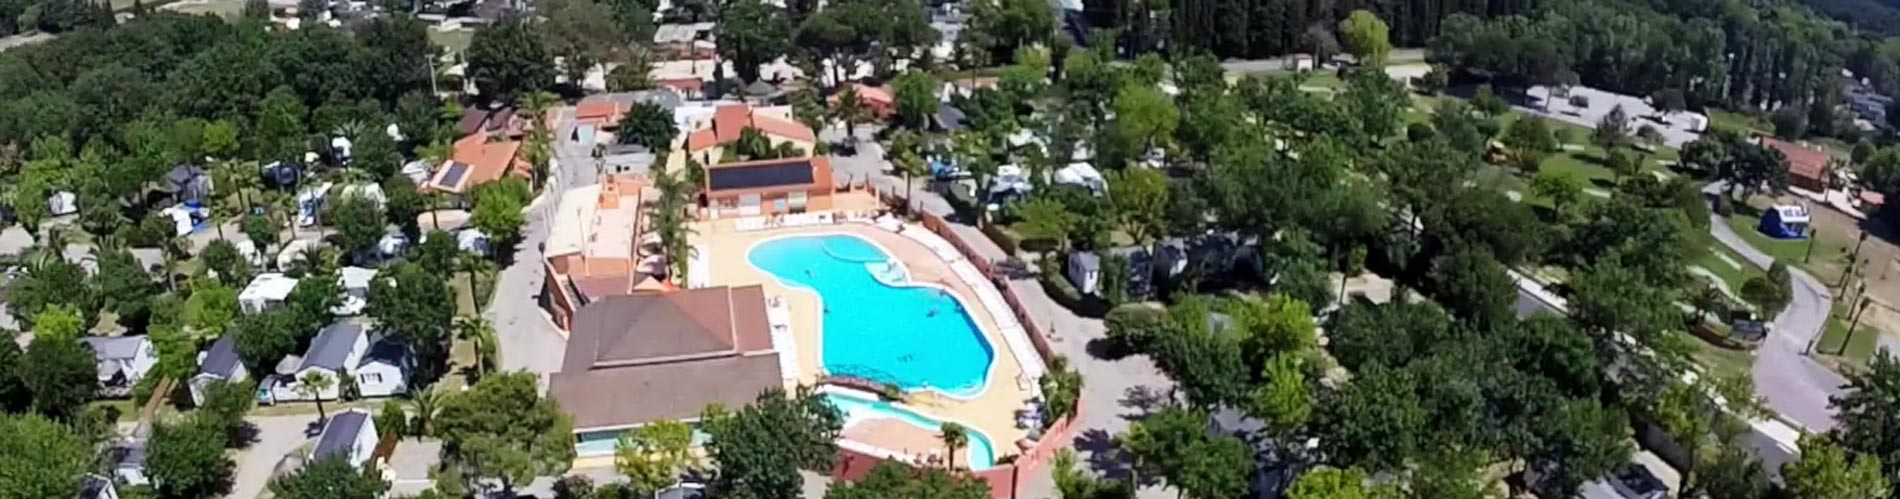 Camping argeles sur mer avec parc aquatique for Camping avranches avec piscine